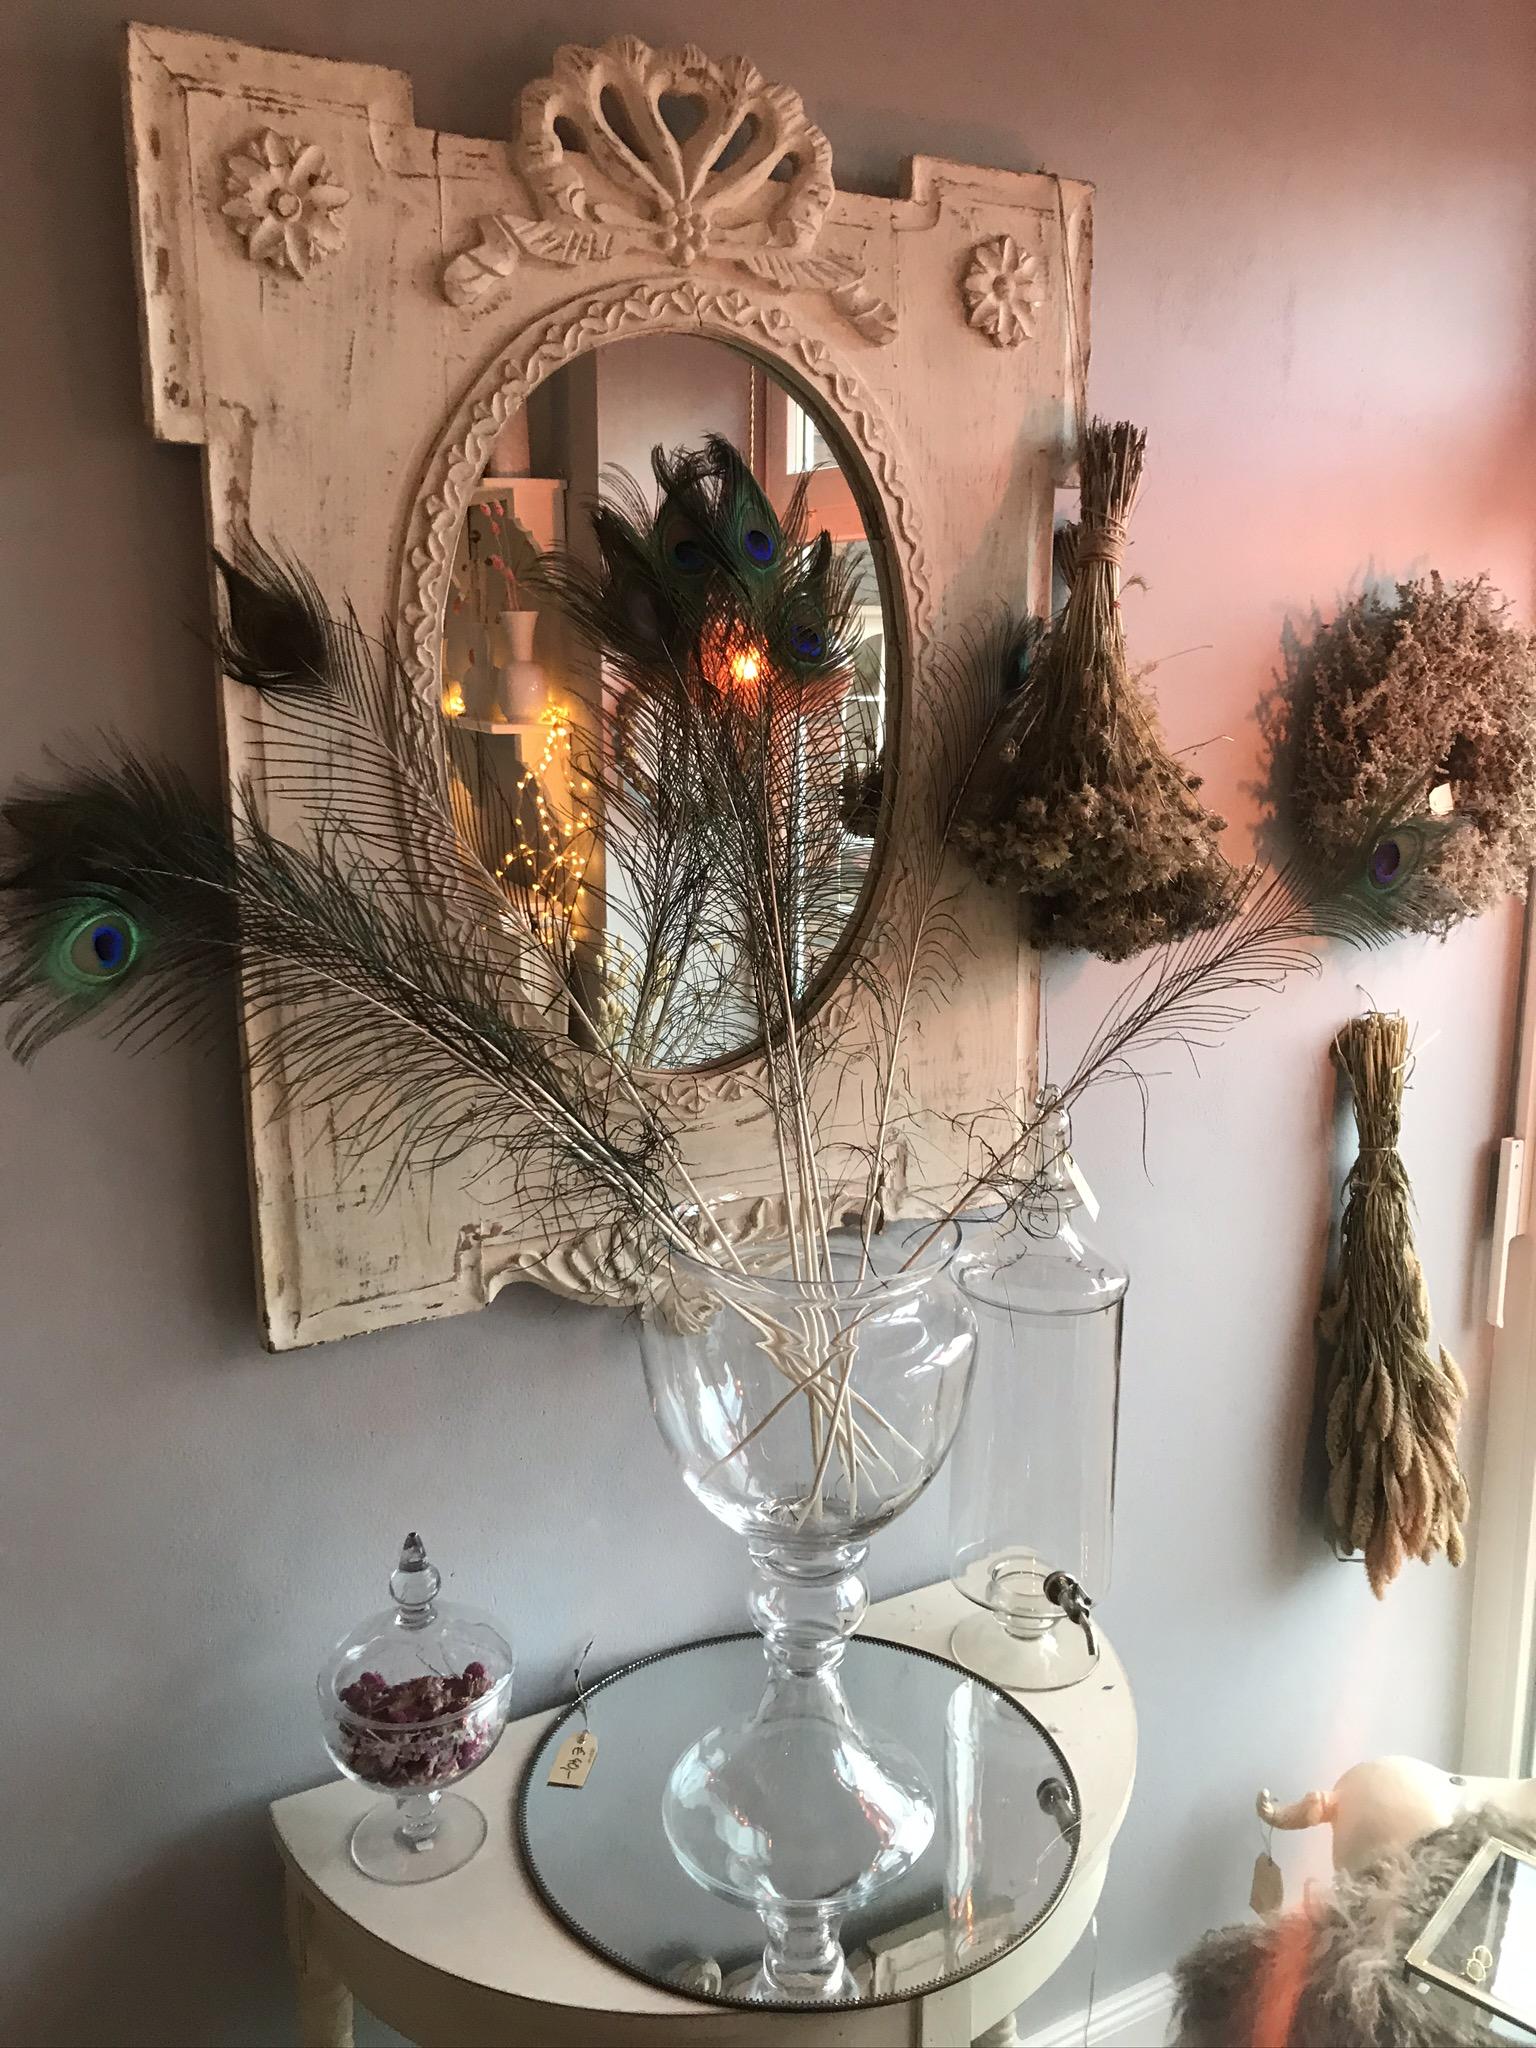 pfauenfeder-spiegel